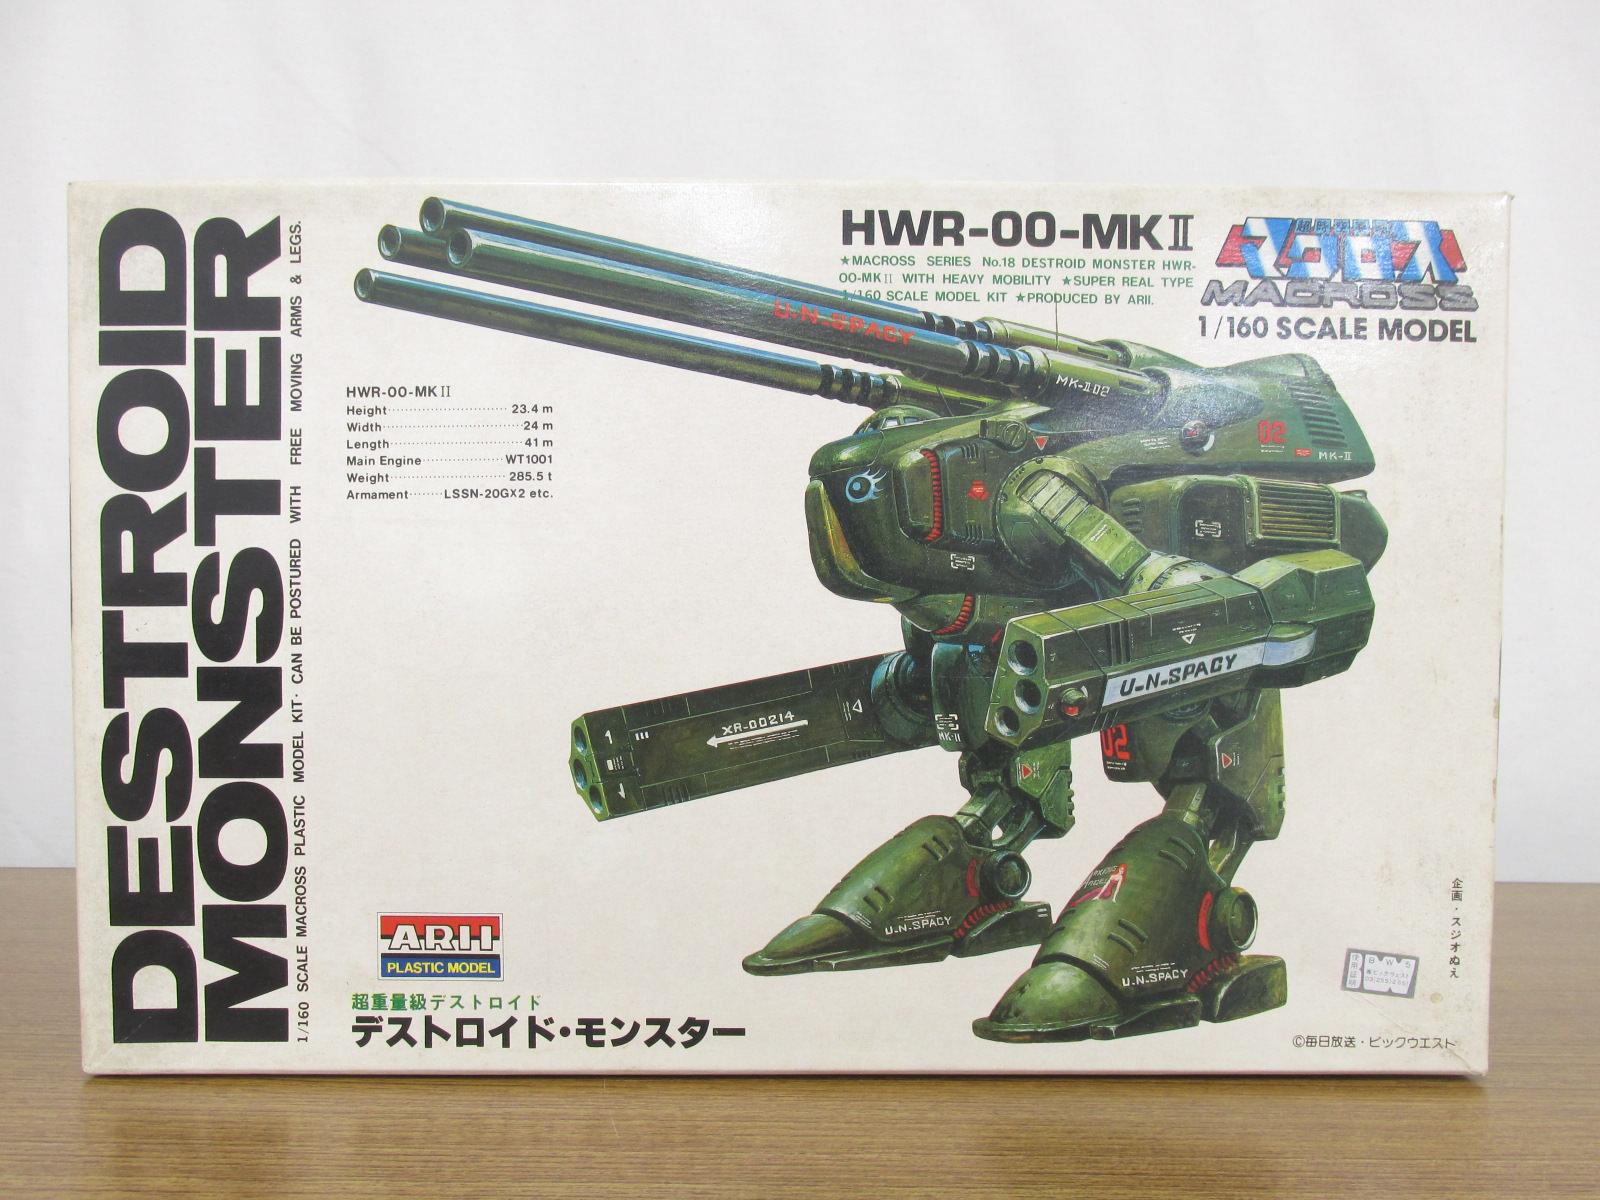 アリイ 1/160スケール 超時空要塞マクロス HWR-00-MKII 超重量級デストロイド デストロイド・モンスター 初版品